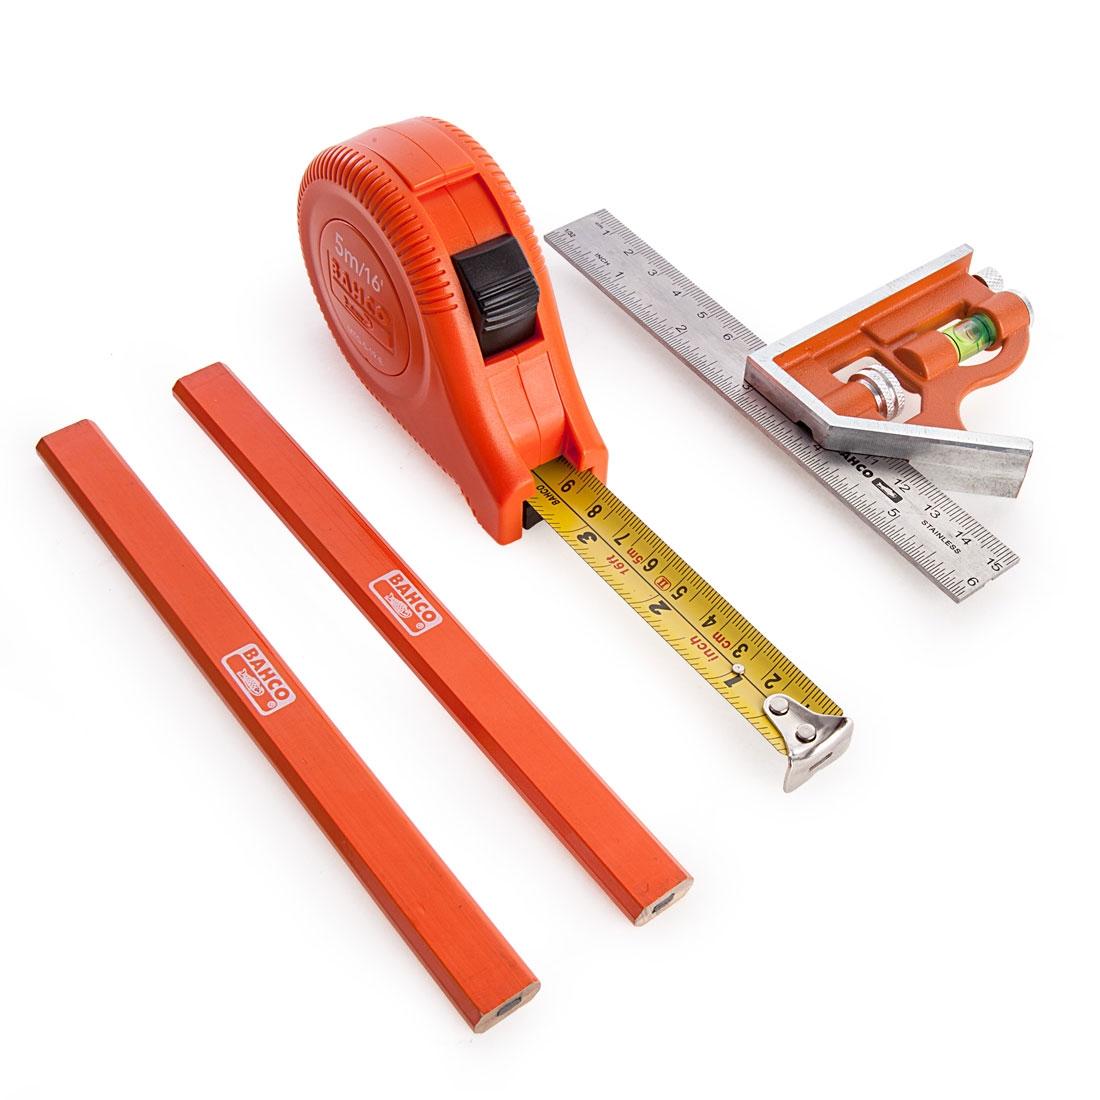 Bahco CS150PACK Carpenters Measuring Pack 4 Pcs